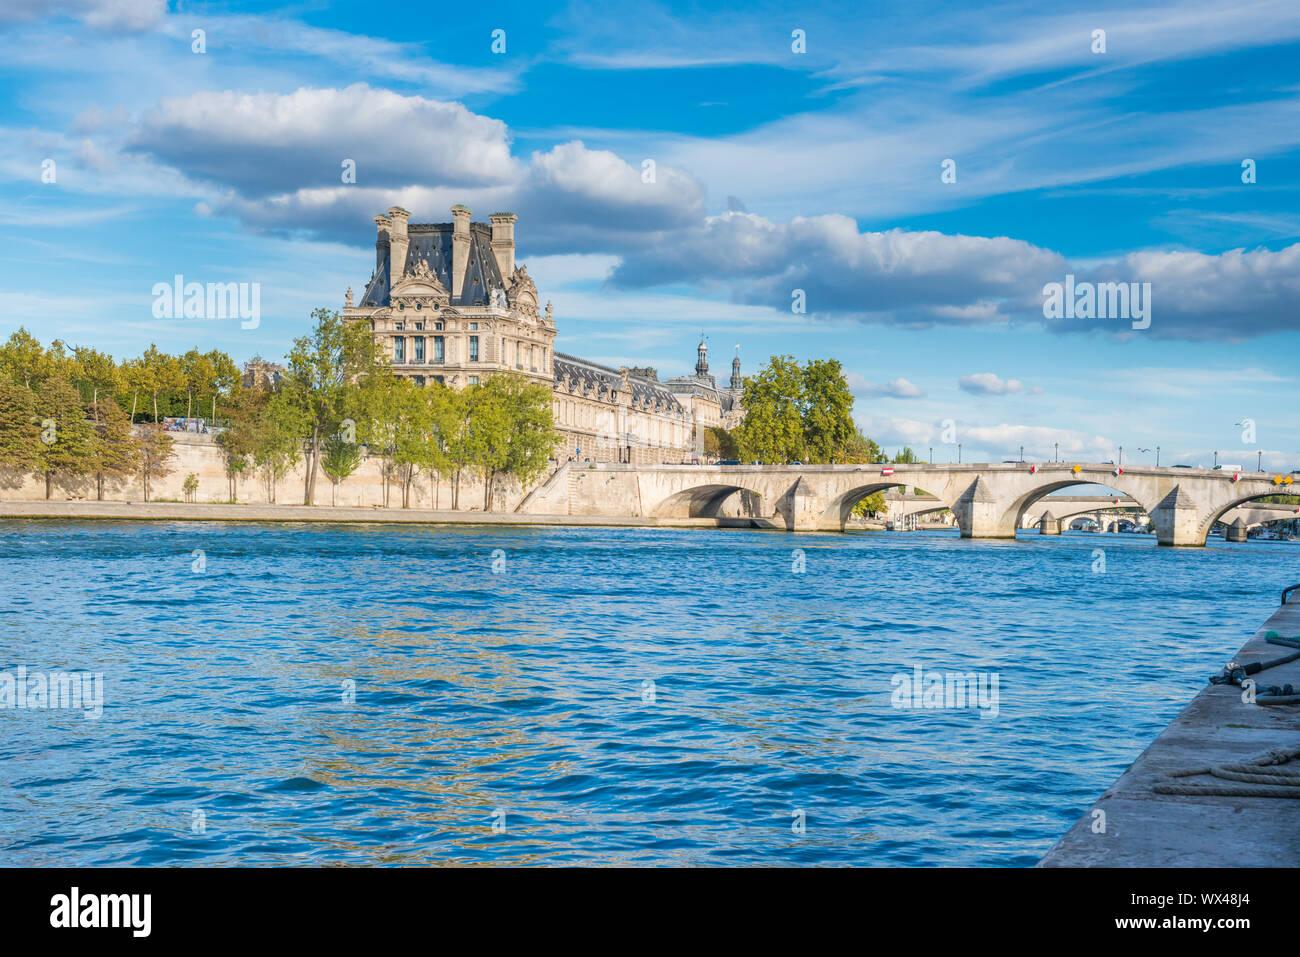 Ver al Louvre en París sobre el río Sena. Foto de stock